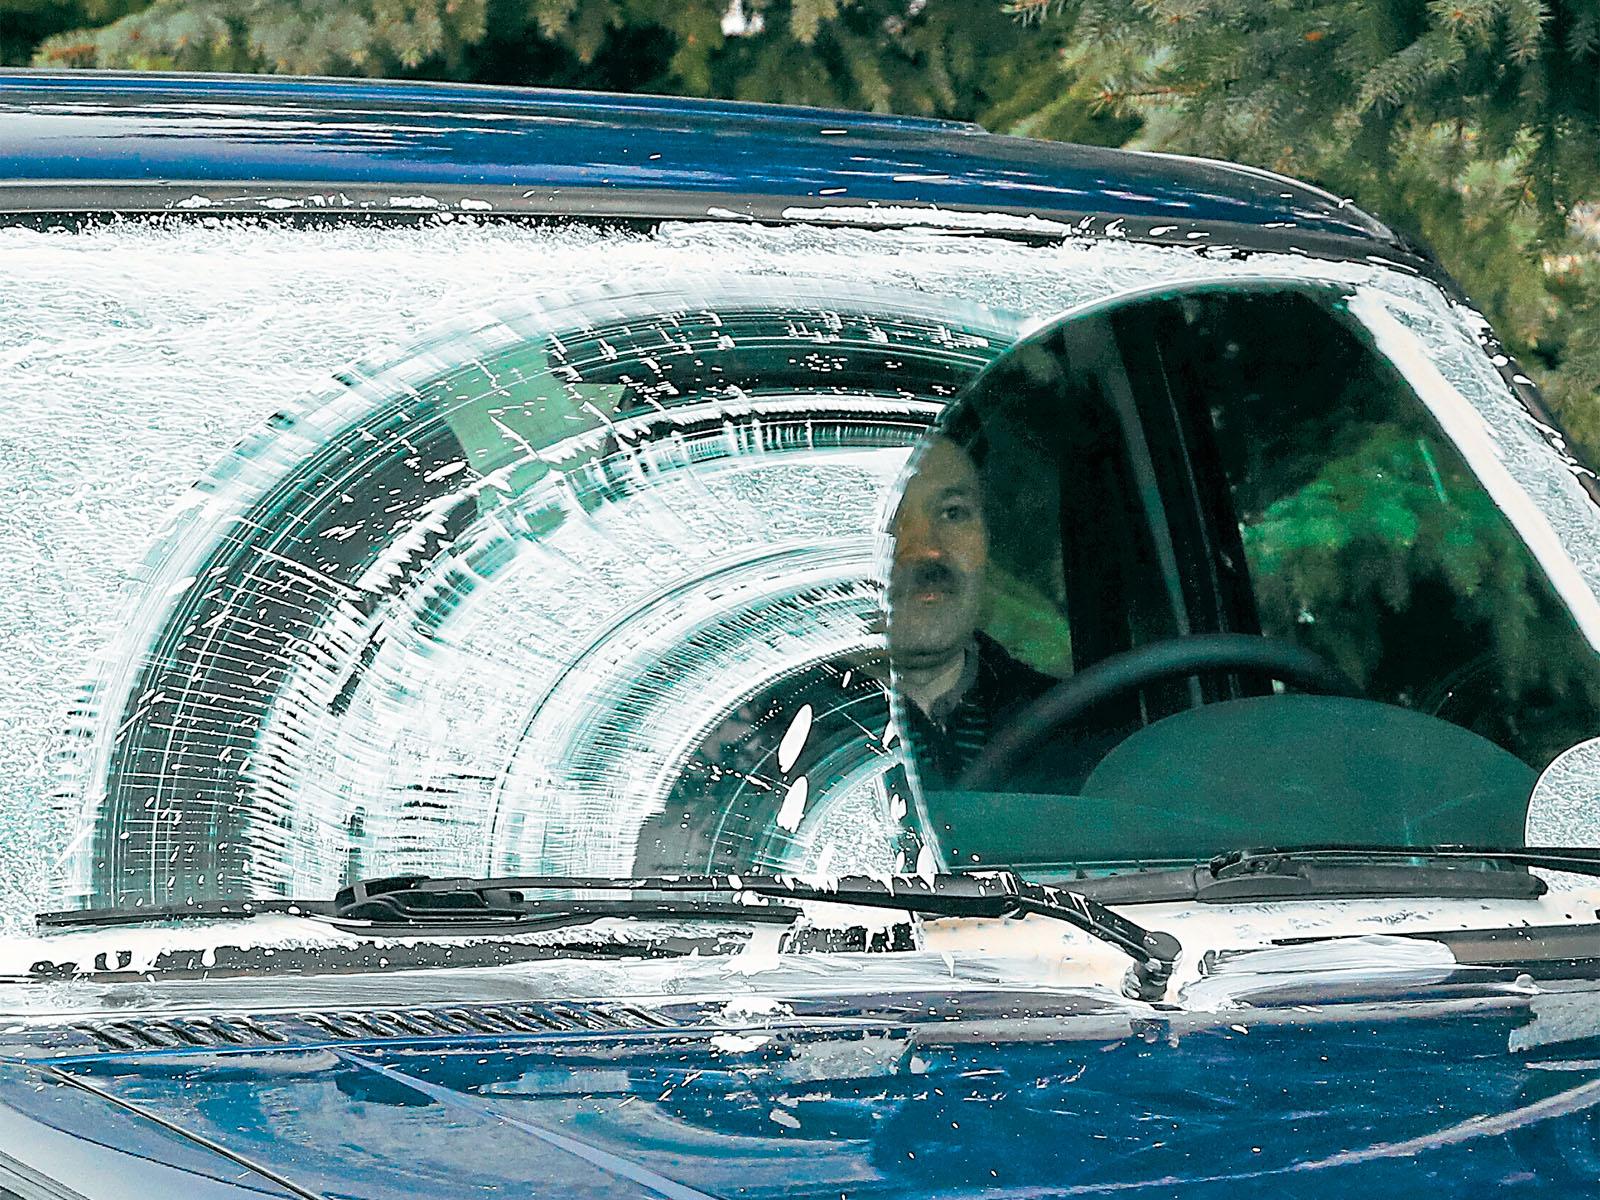 Европейцы чаще меняют щетки стеклоочистителей на автомобилях - журнал За рулем